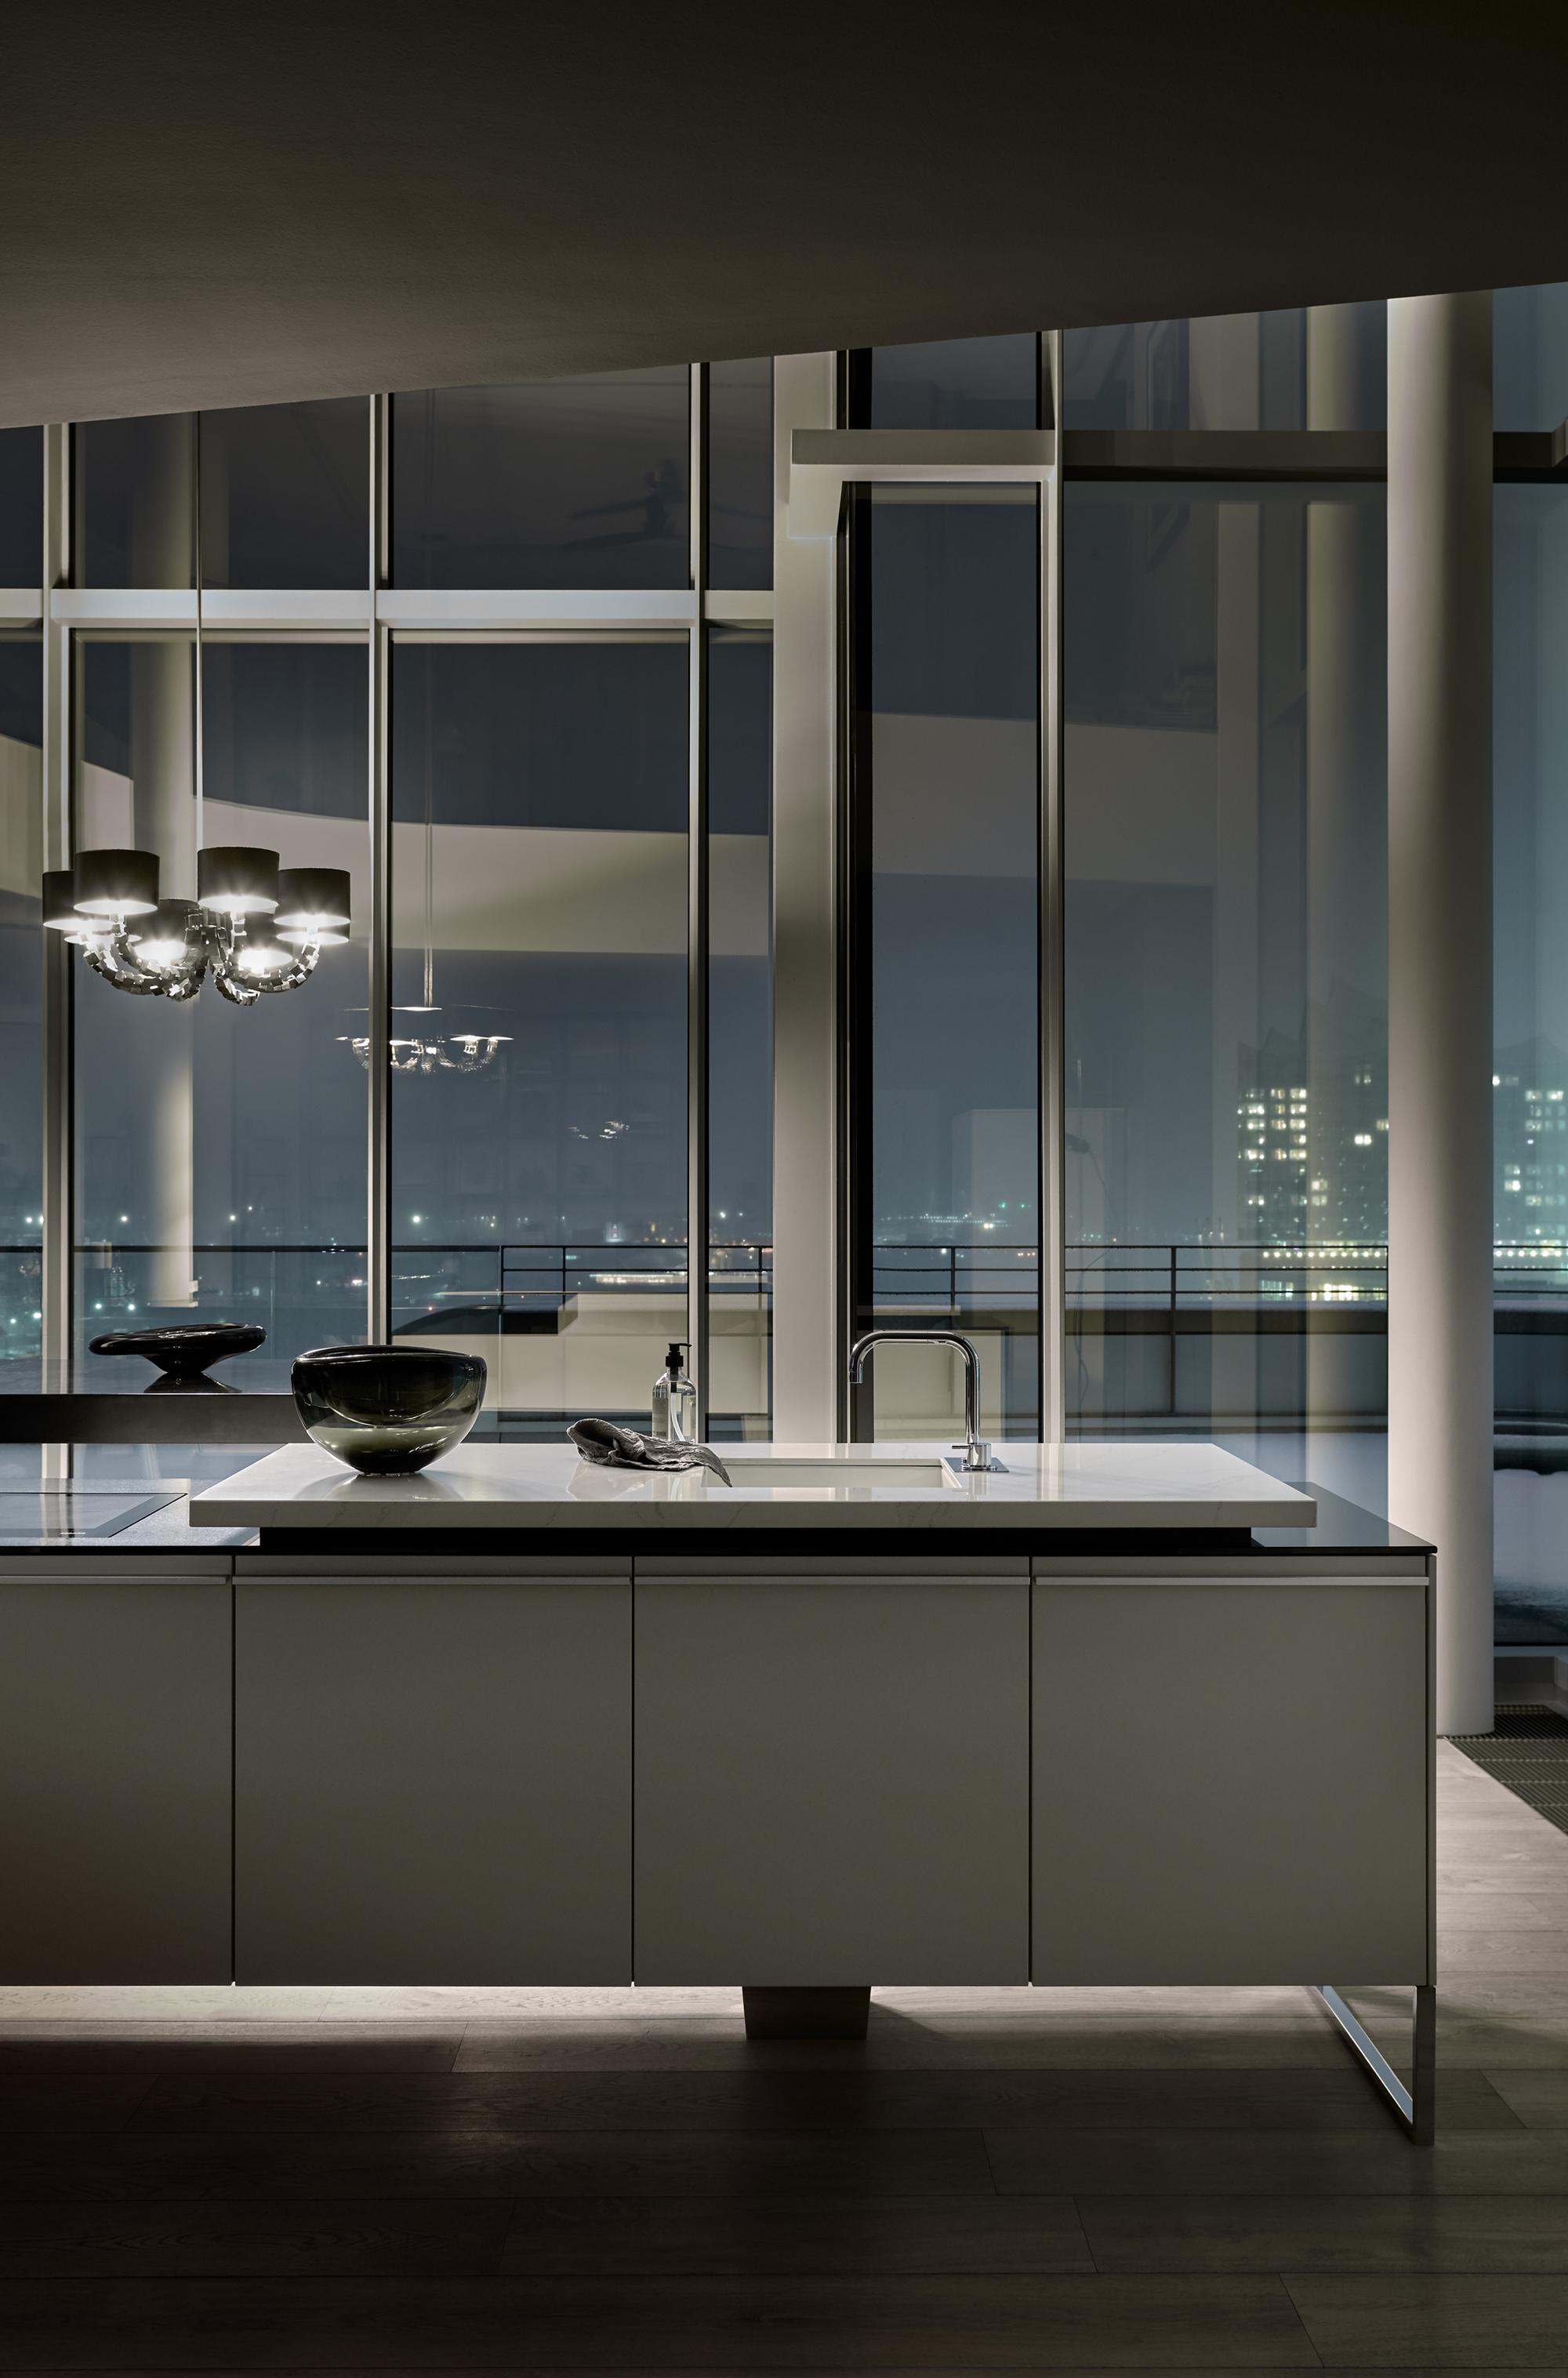 Gemütlich Küchenschränke Designs Bilder Ideen - Küche Set Ideen ...